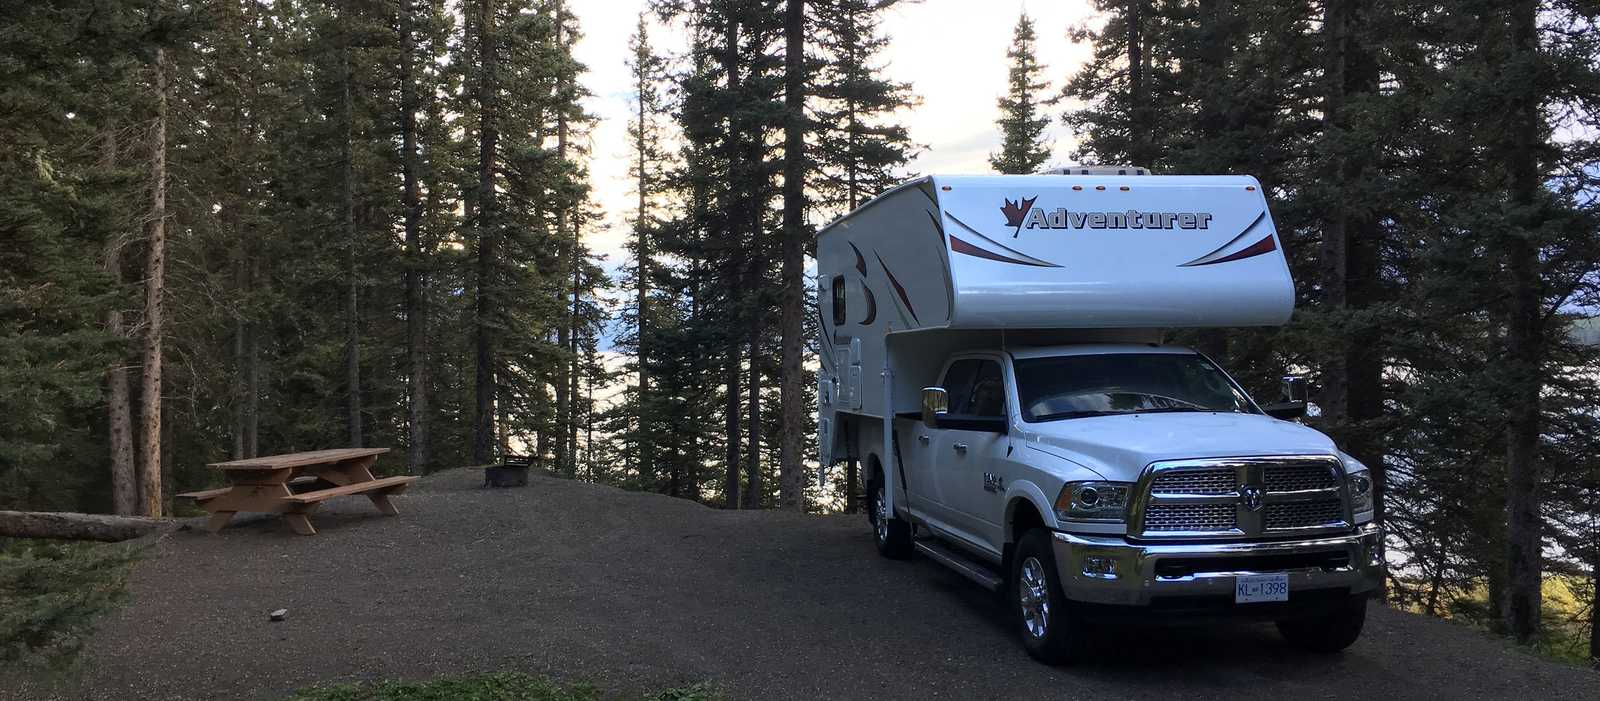 Campsite auf dem Interlakes Campground